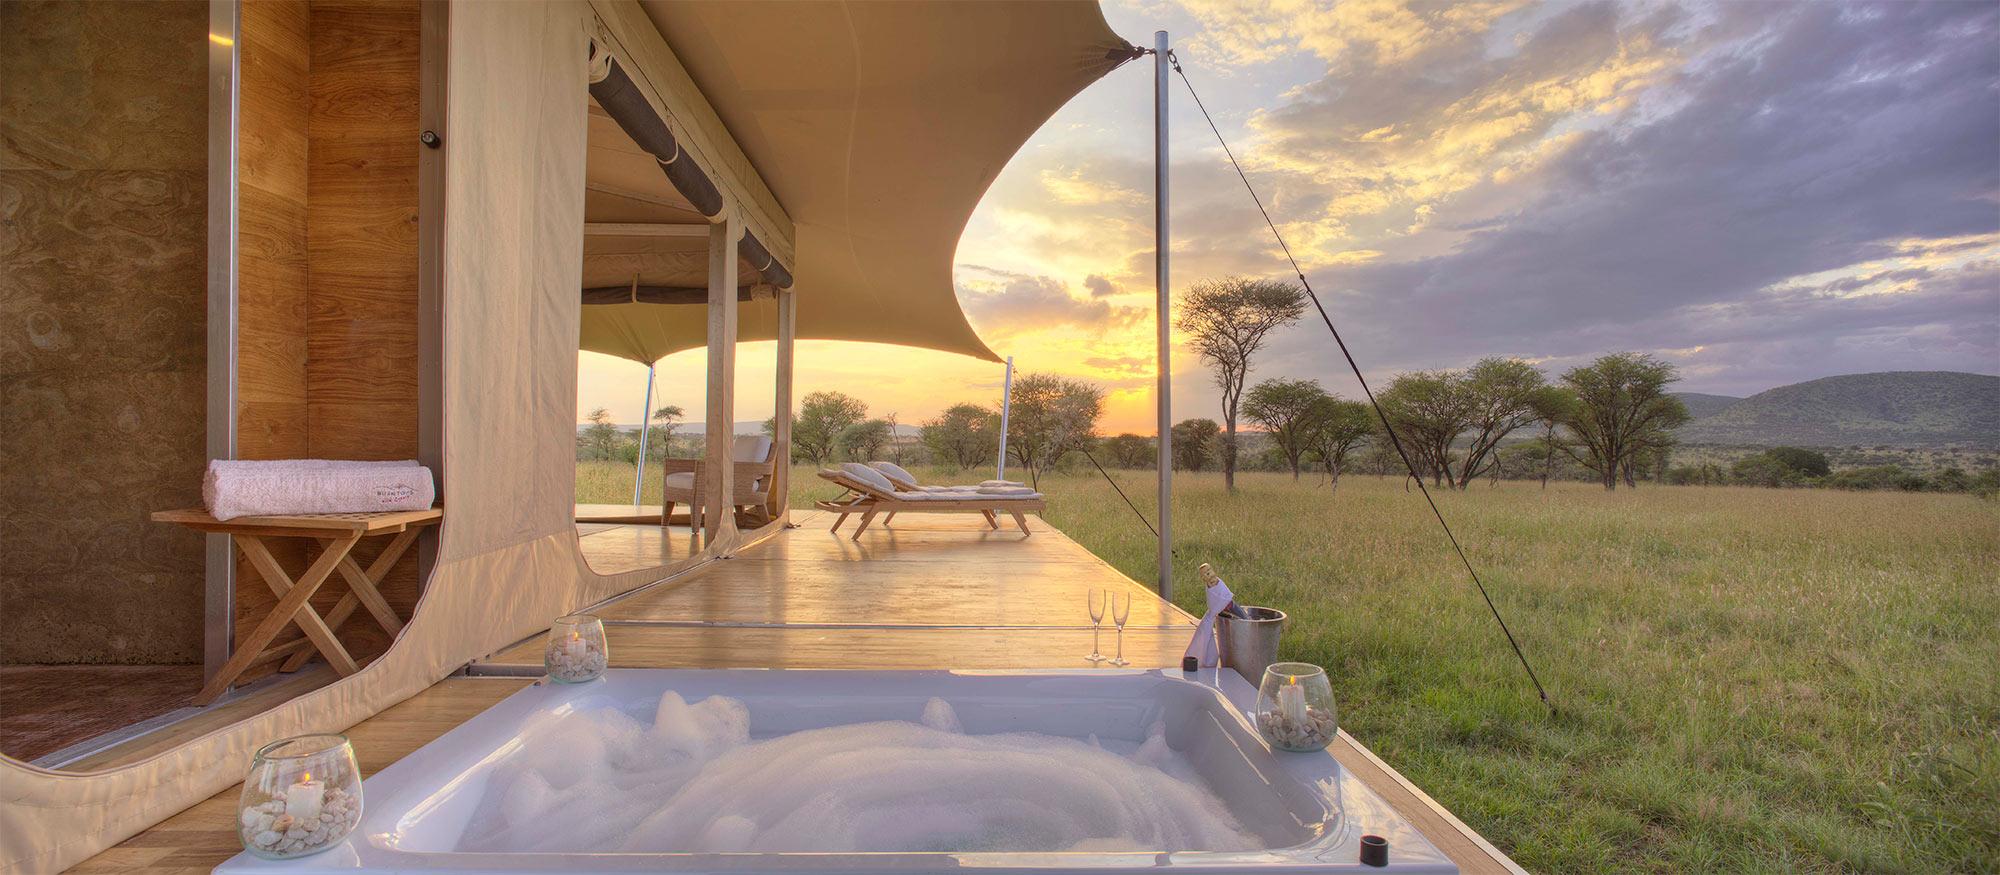 The most stunning Serengeti honeymoon at Roving Bushtops